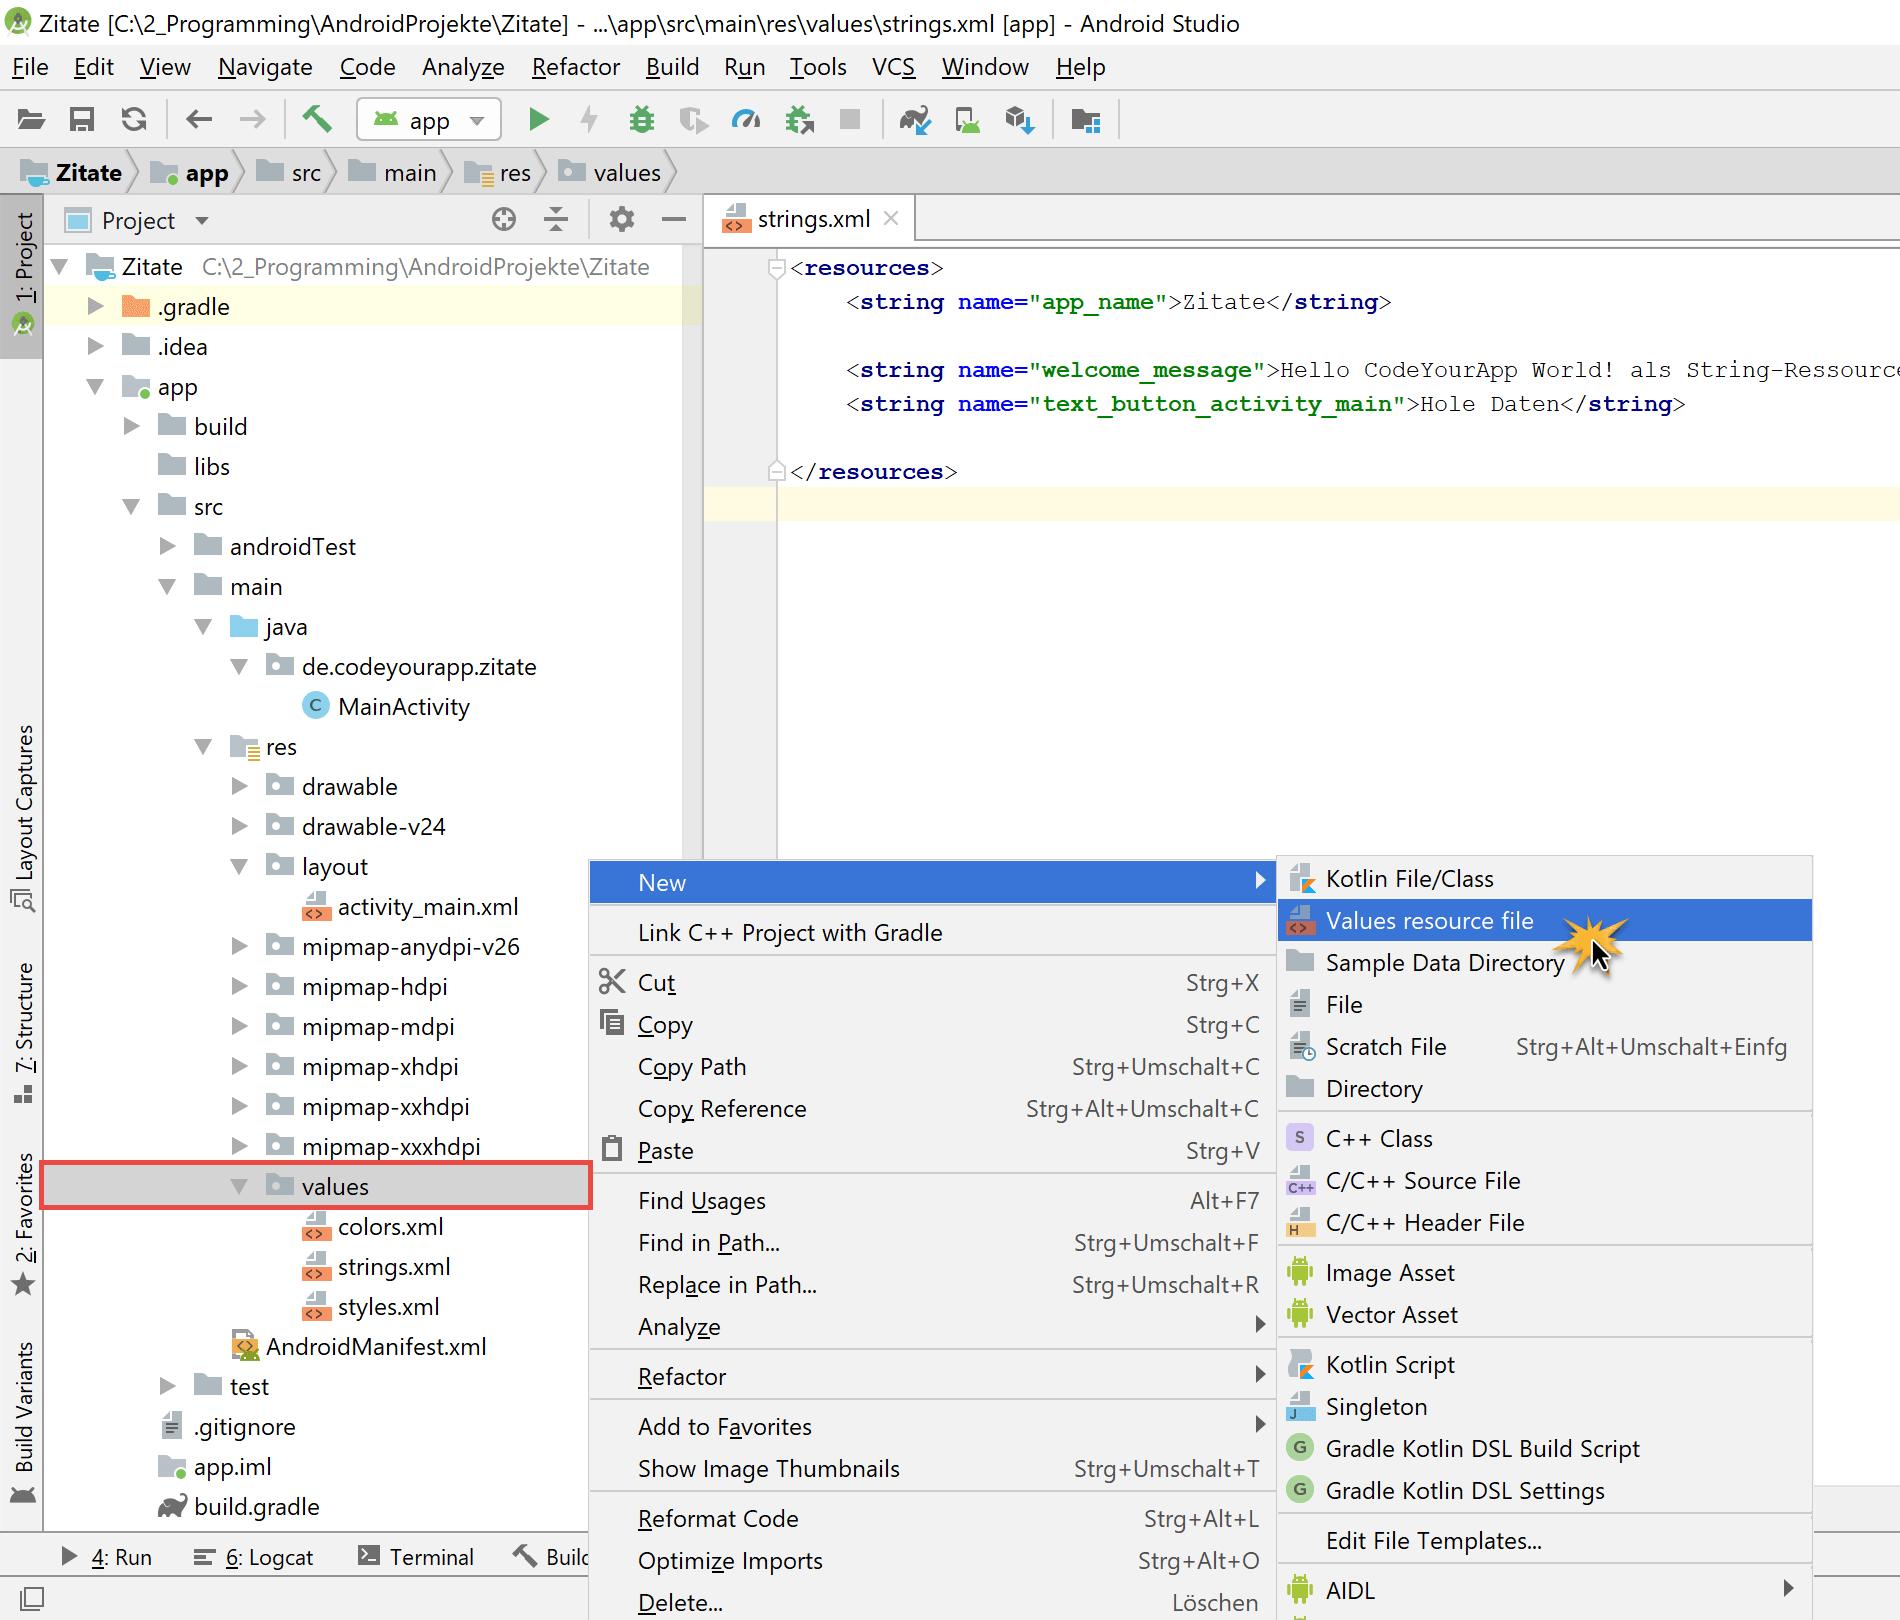 create_dimens_resource